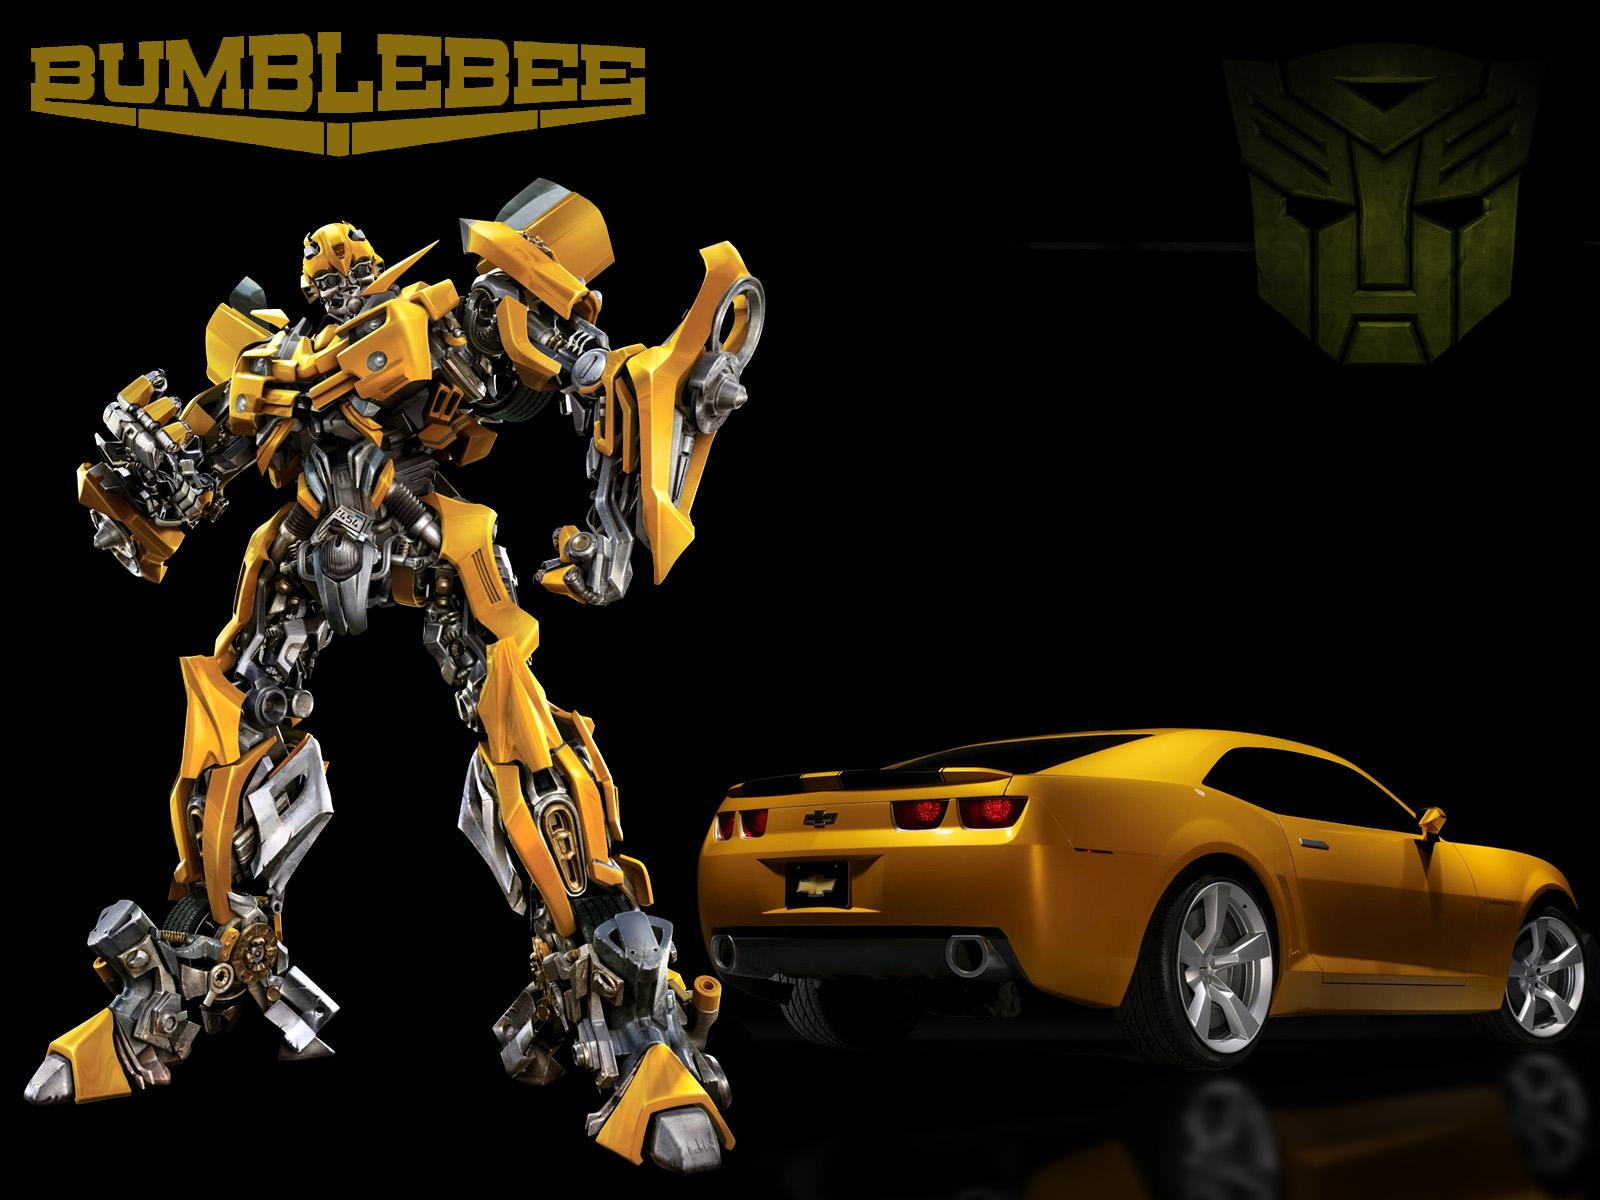 Resultado de imagem para Bumblebee filme